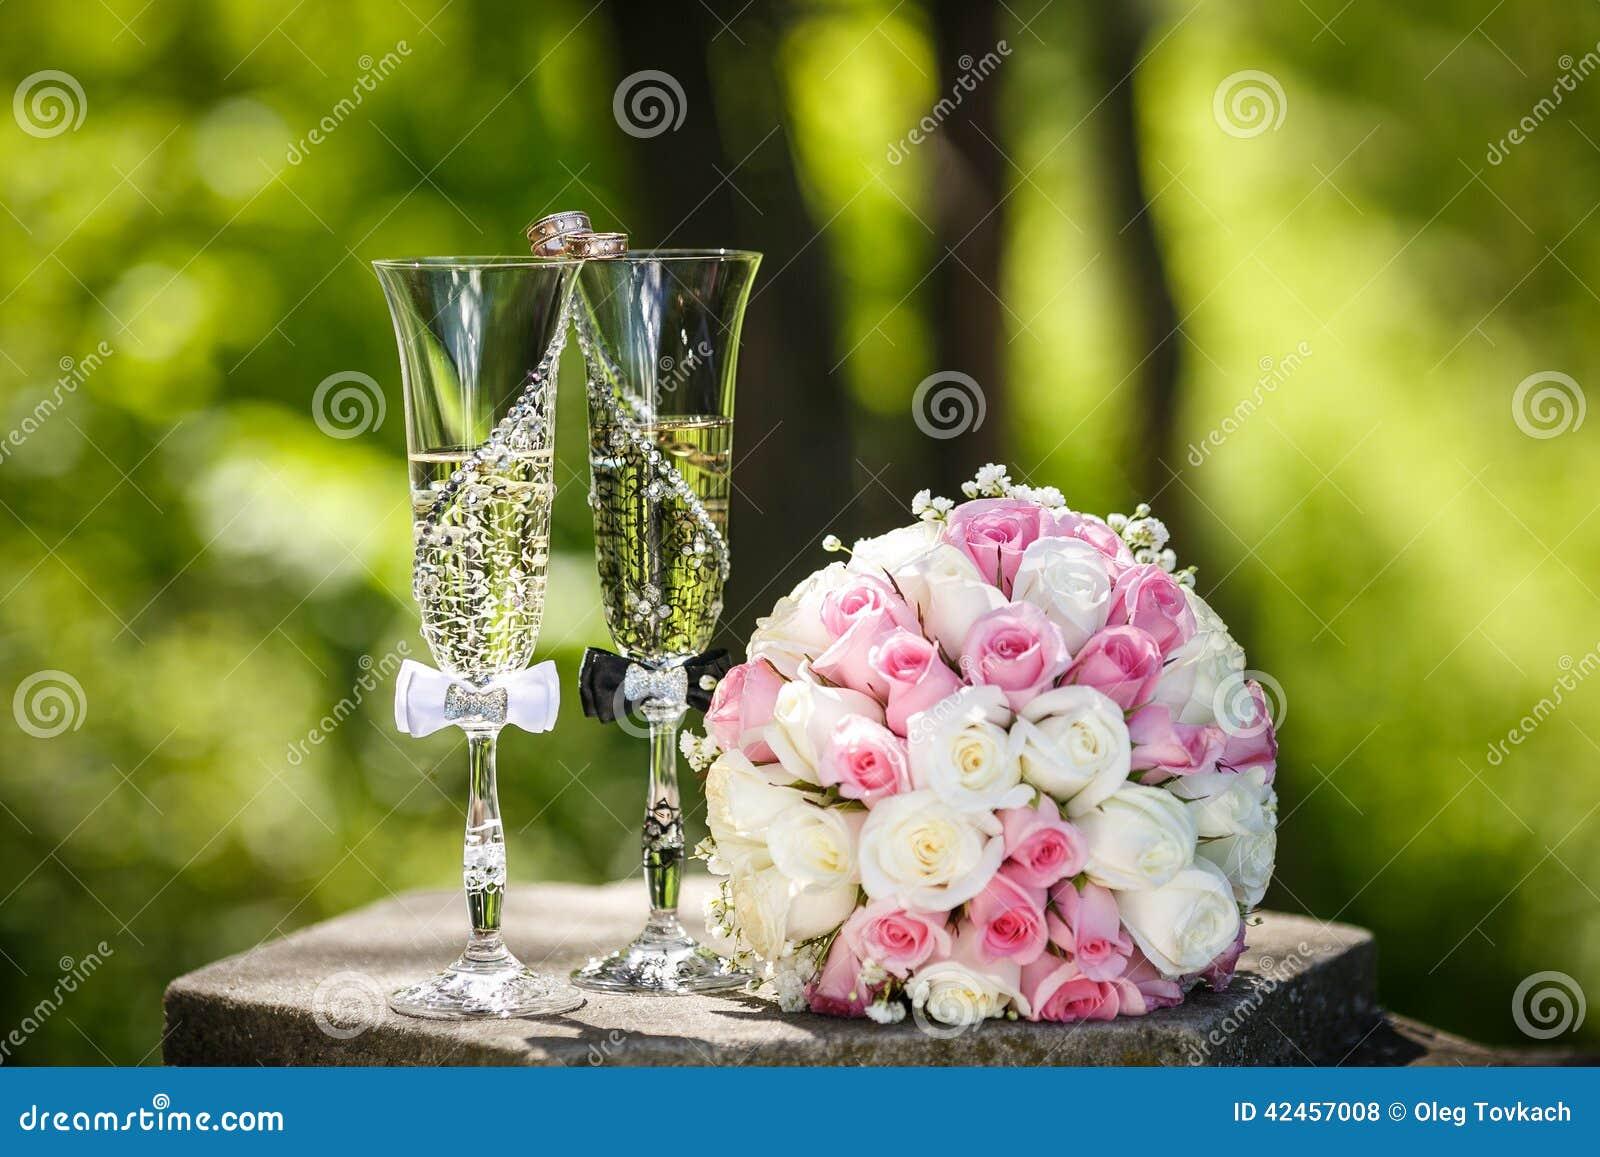 Eheringe mit Rosen und Gläsern Champagner